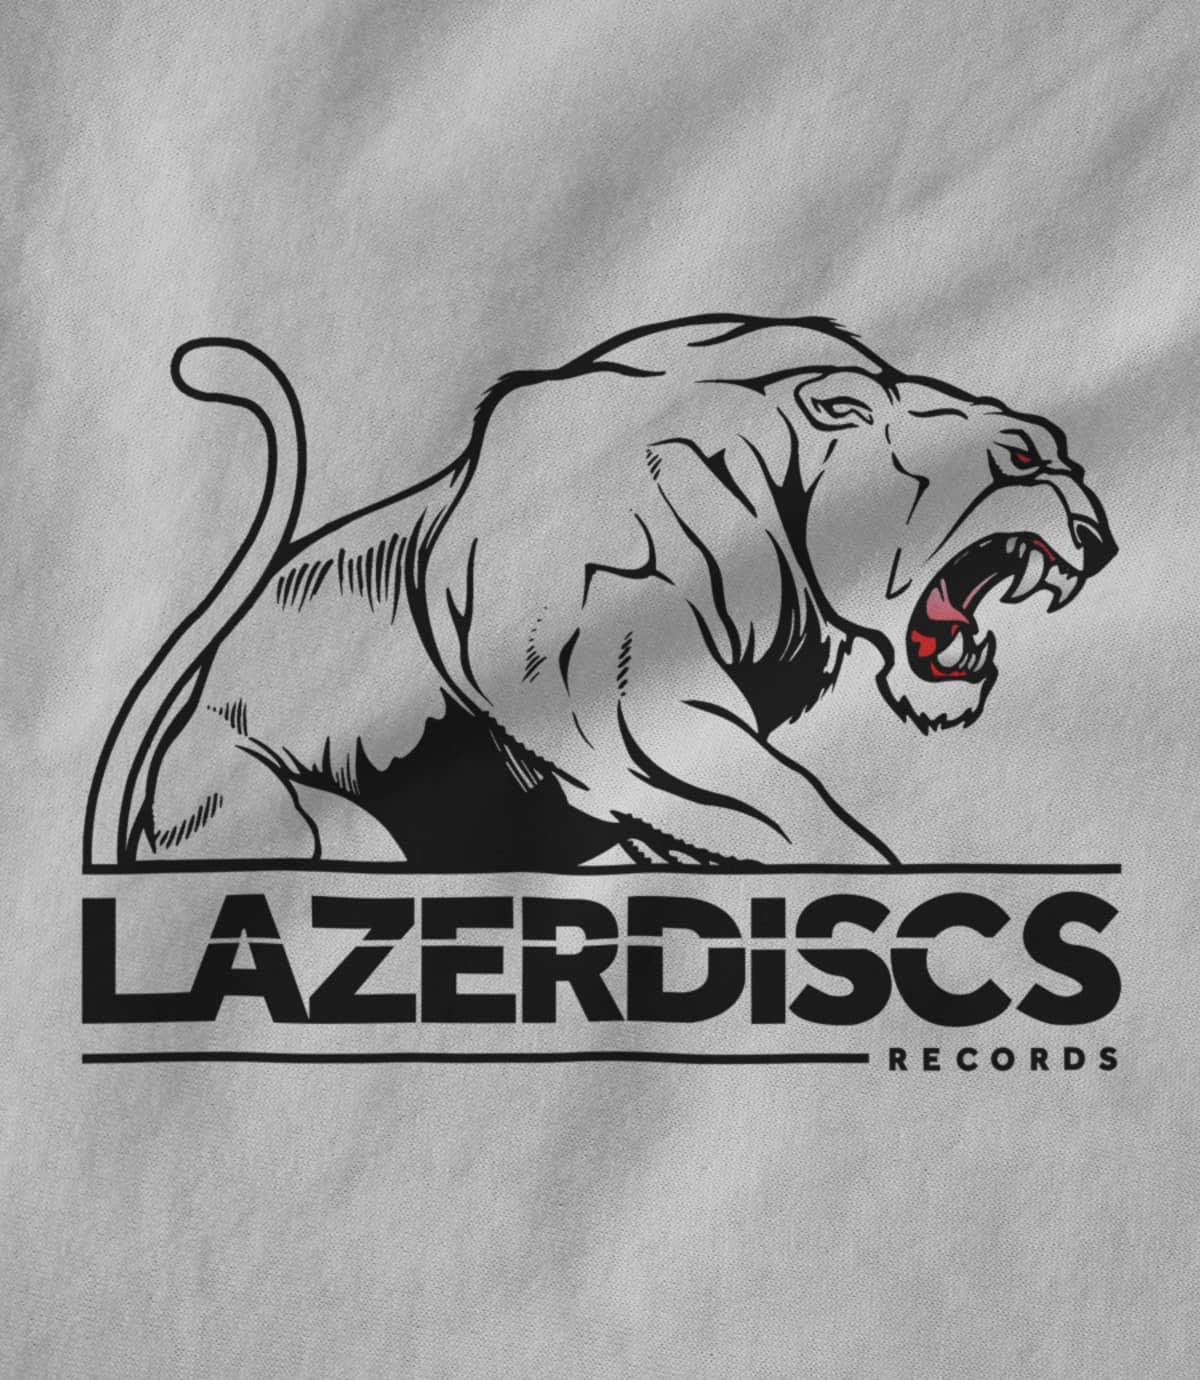 Lazerdiscs